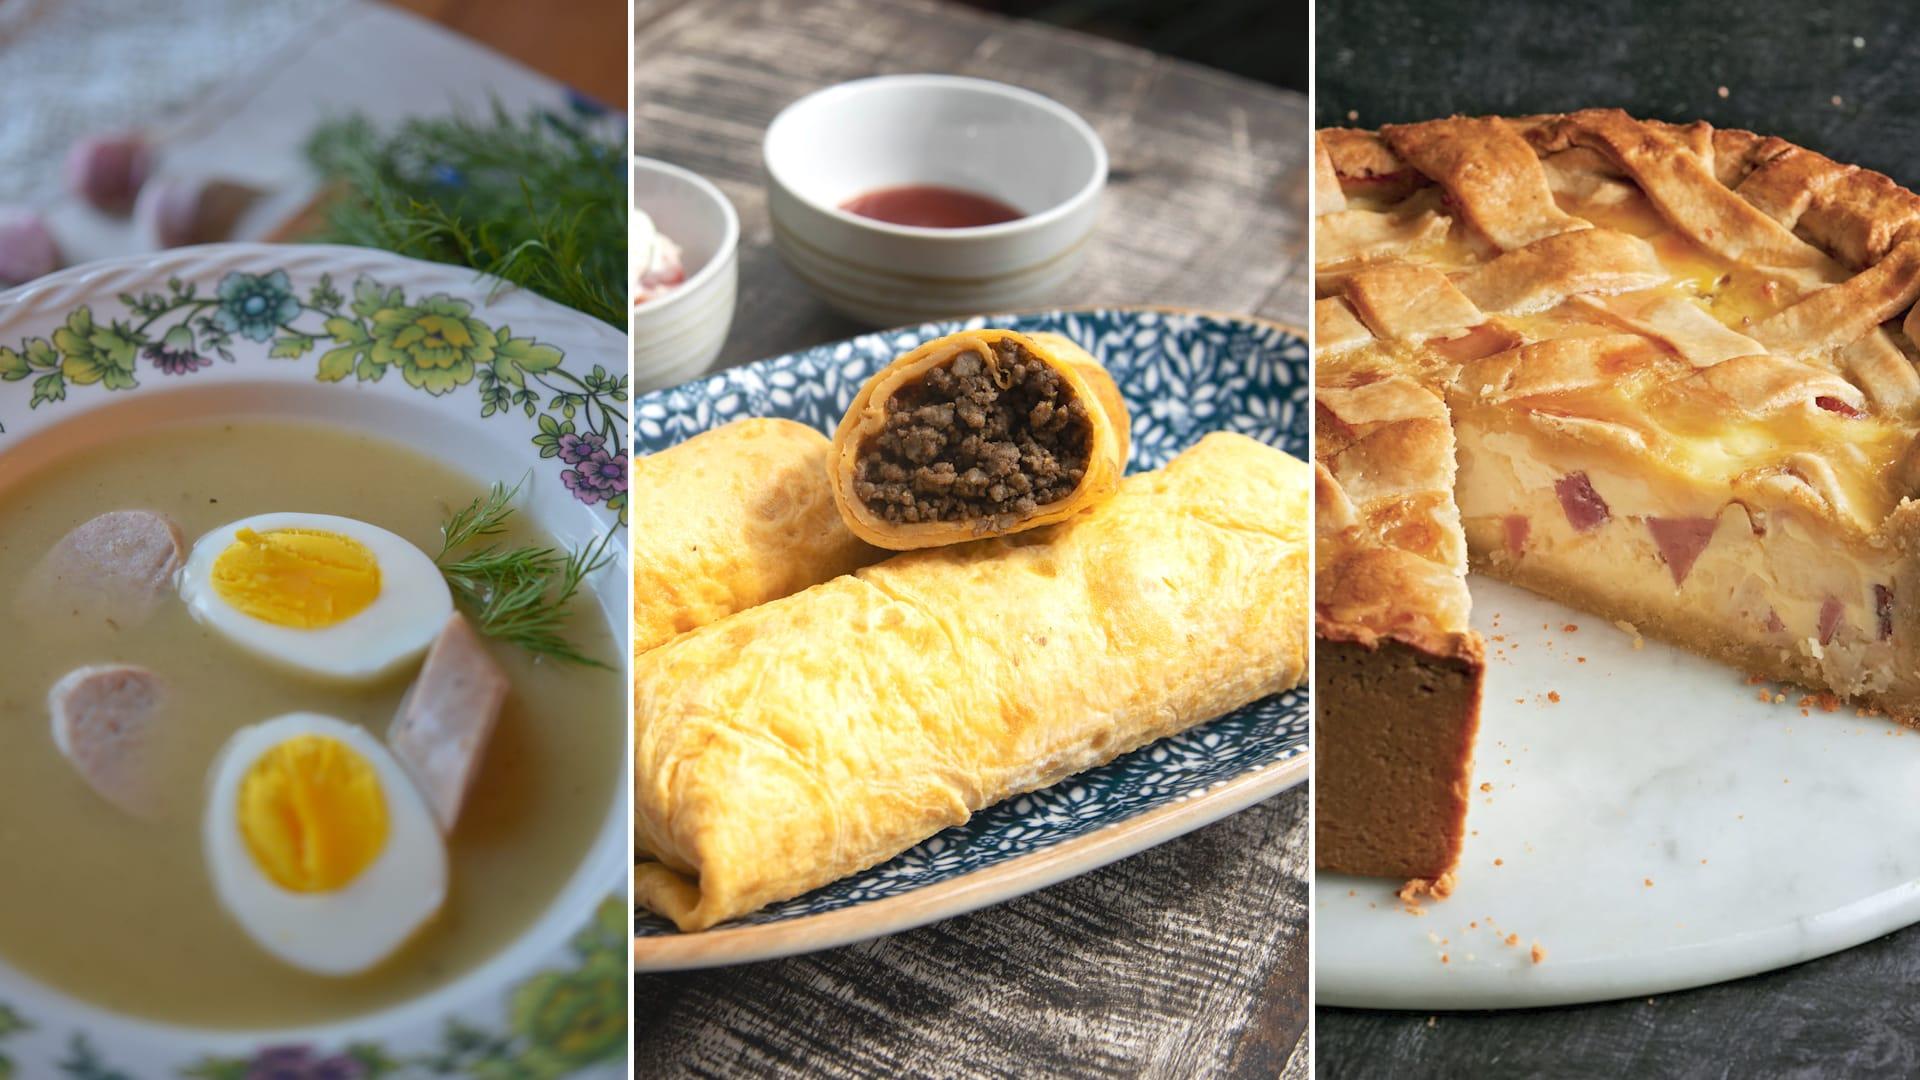 بظل عيد الفصح.. إليك 5 أطباق شهية خاصة بهذه المناسبة حول العالمبظل عيد الفصح.. إليك 5 أطباق شهية خاصة بهذه المناسبة حول العالم